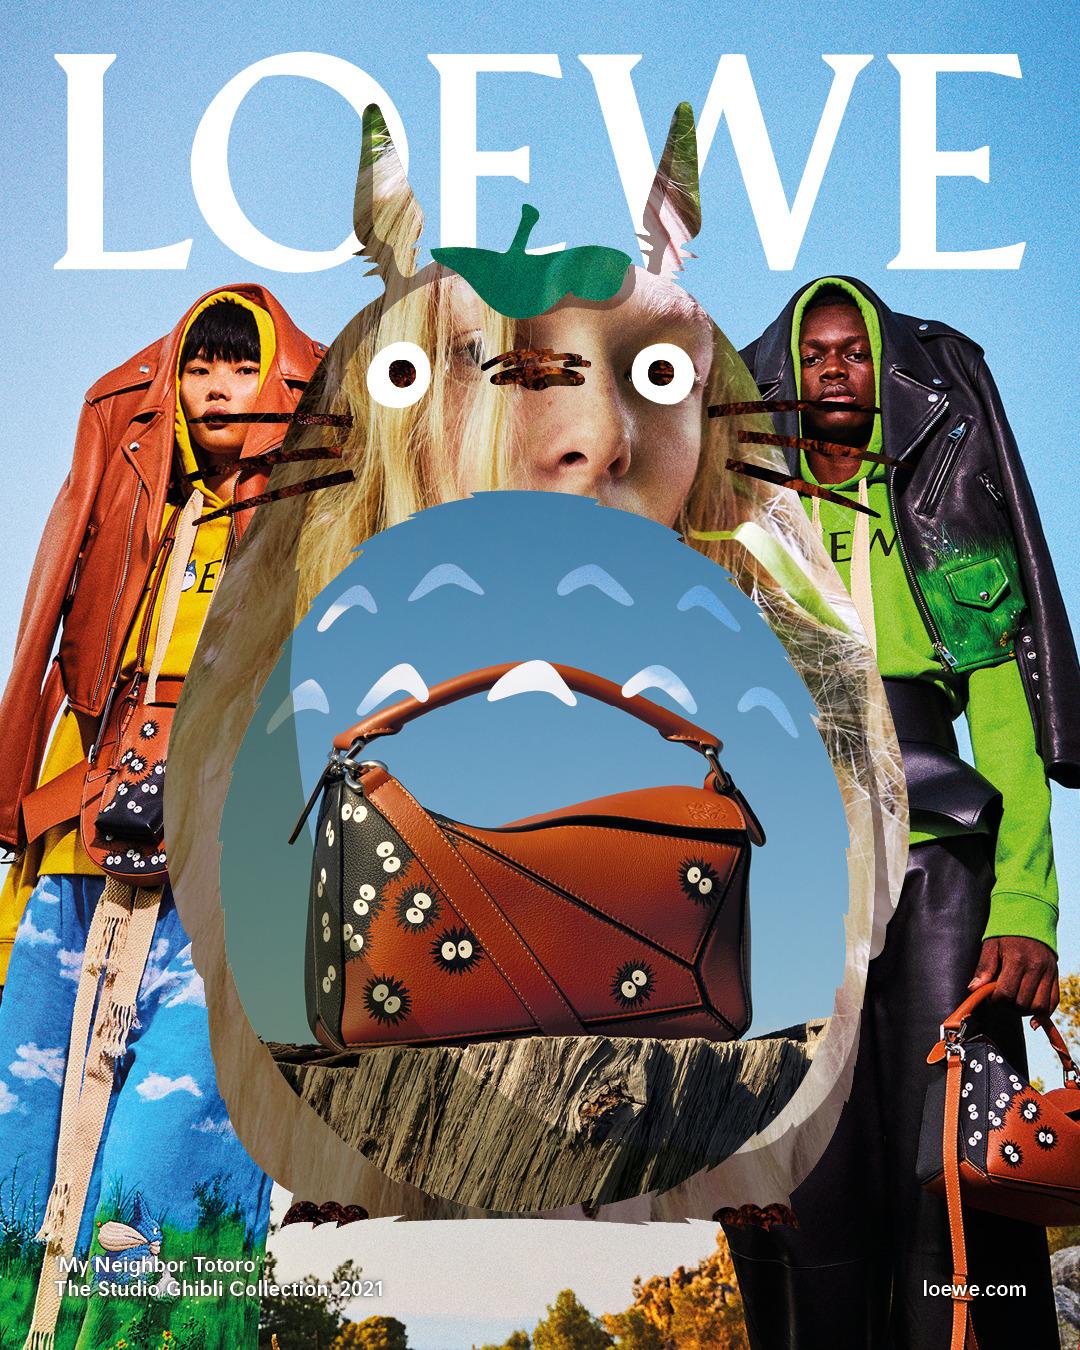 LOEWE x My Neighbor Totoro LOEWE x My Neighbor Totoro Vanity Teen 虚荣青年 Menswear & new faces magazine